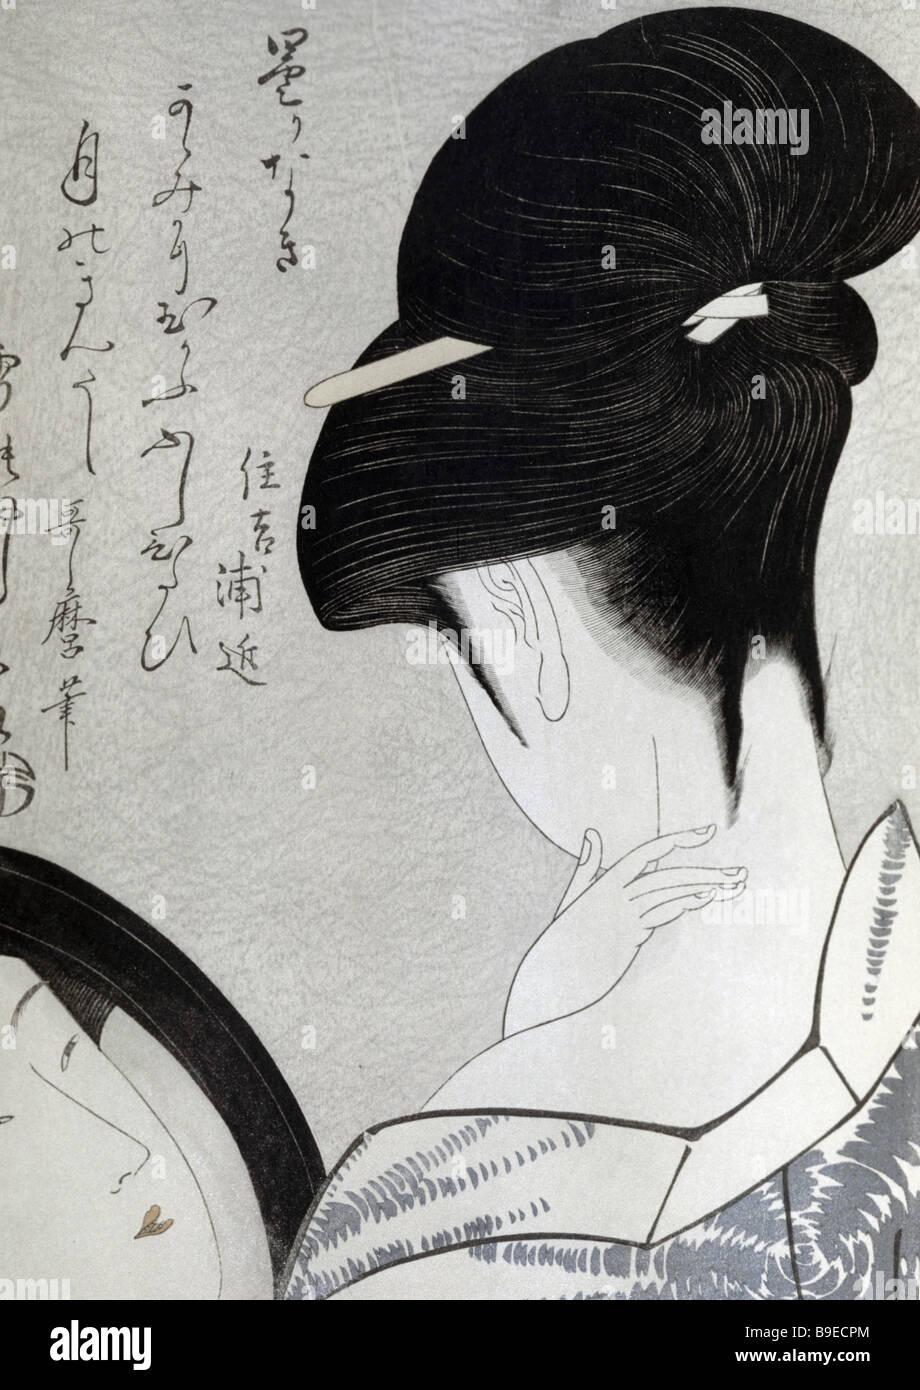 Die Dame mit der Spiegel-Holzschnitt von Utamaro Utagawa des 18. Jahrhunderts Oriental Art Museum Moskau Stockbild